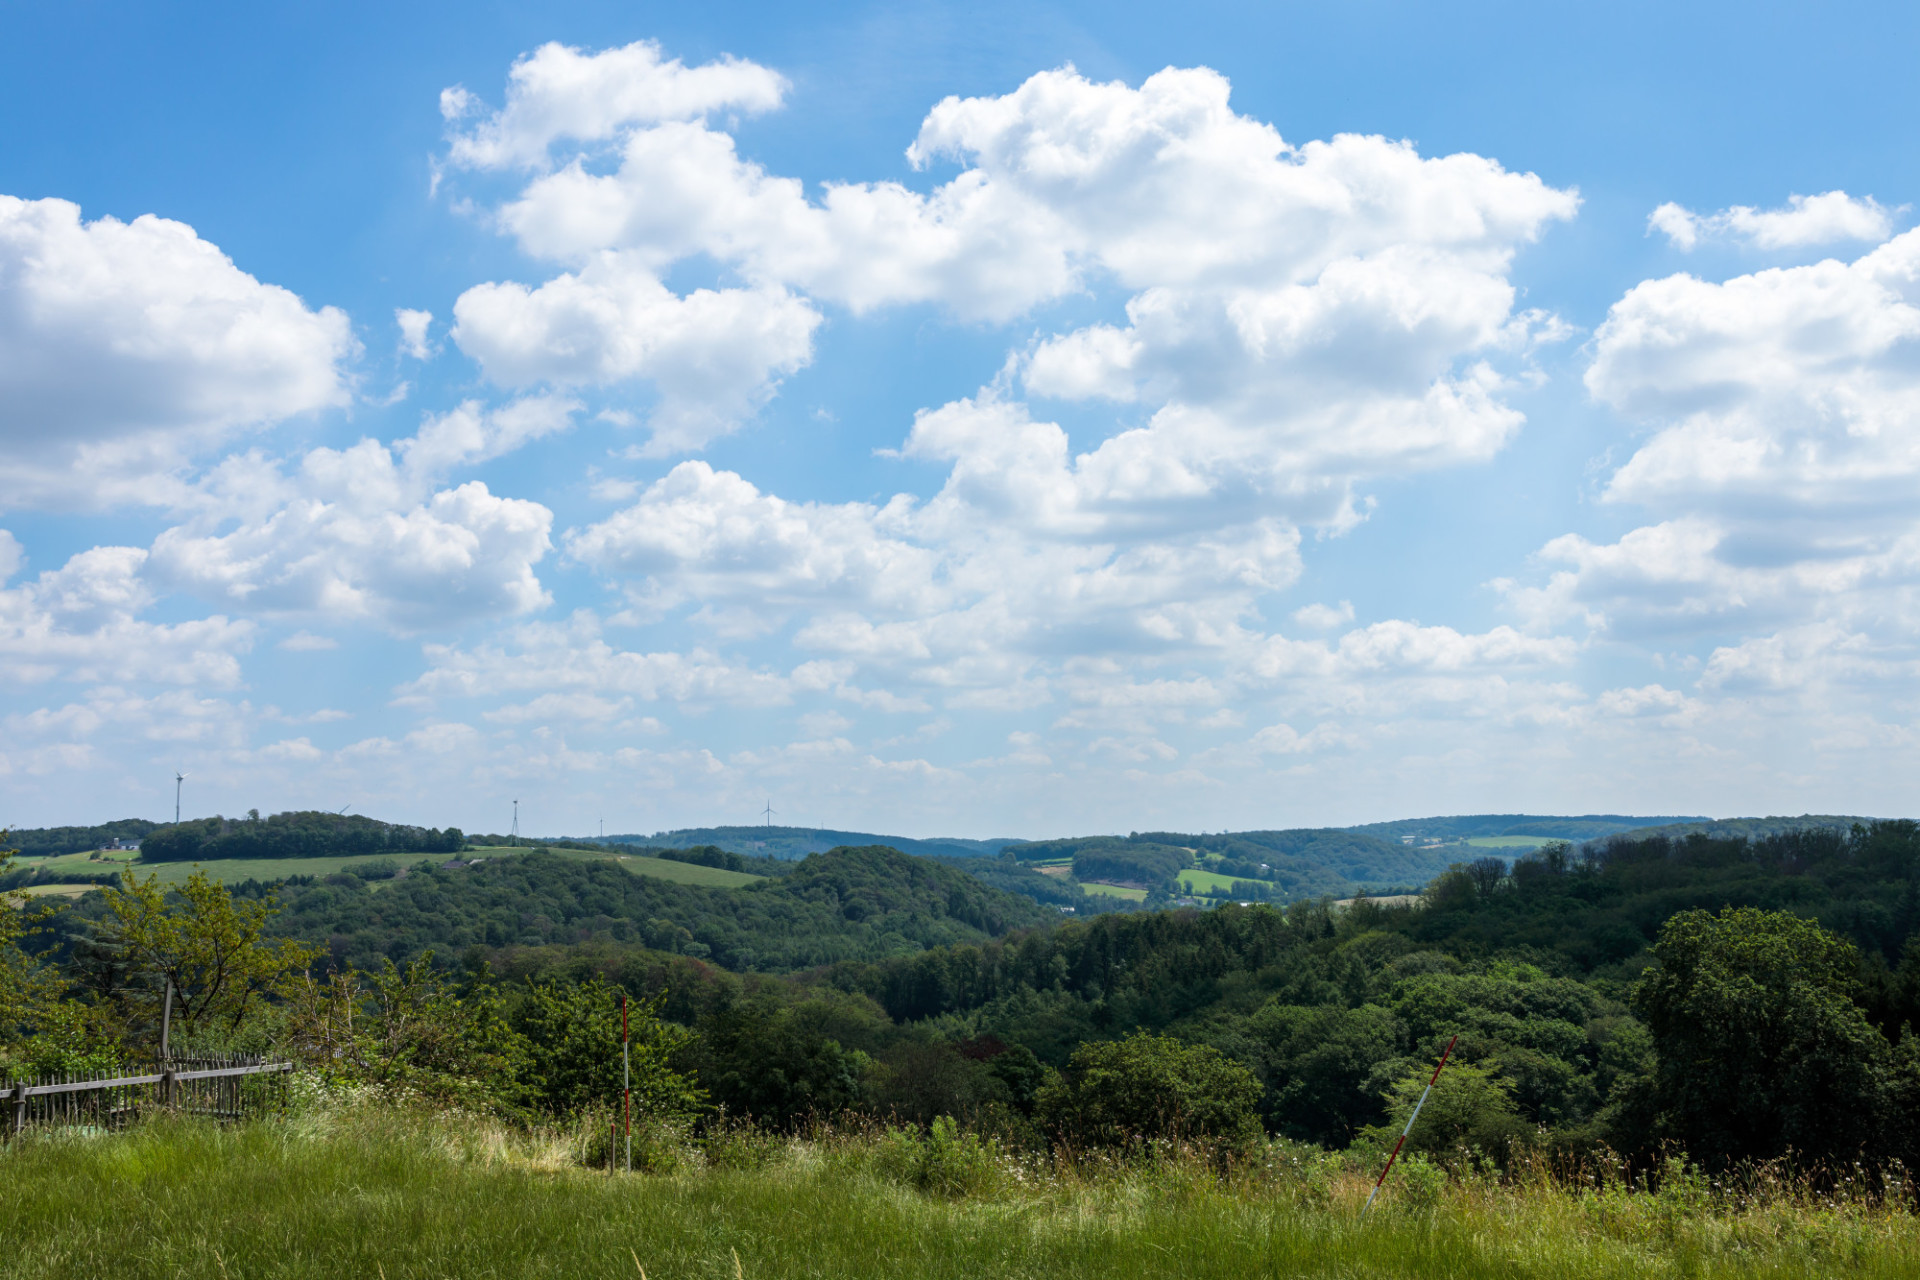 Hilly rural landscape